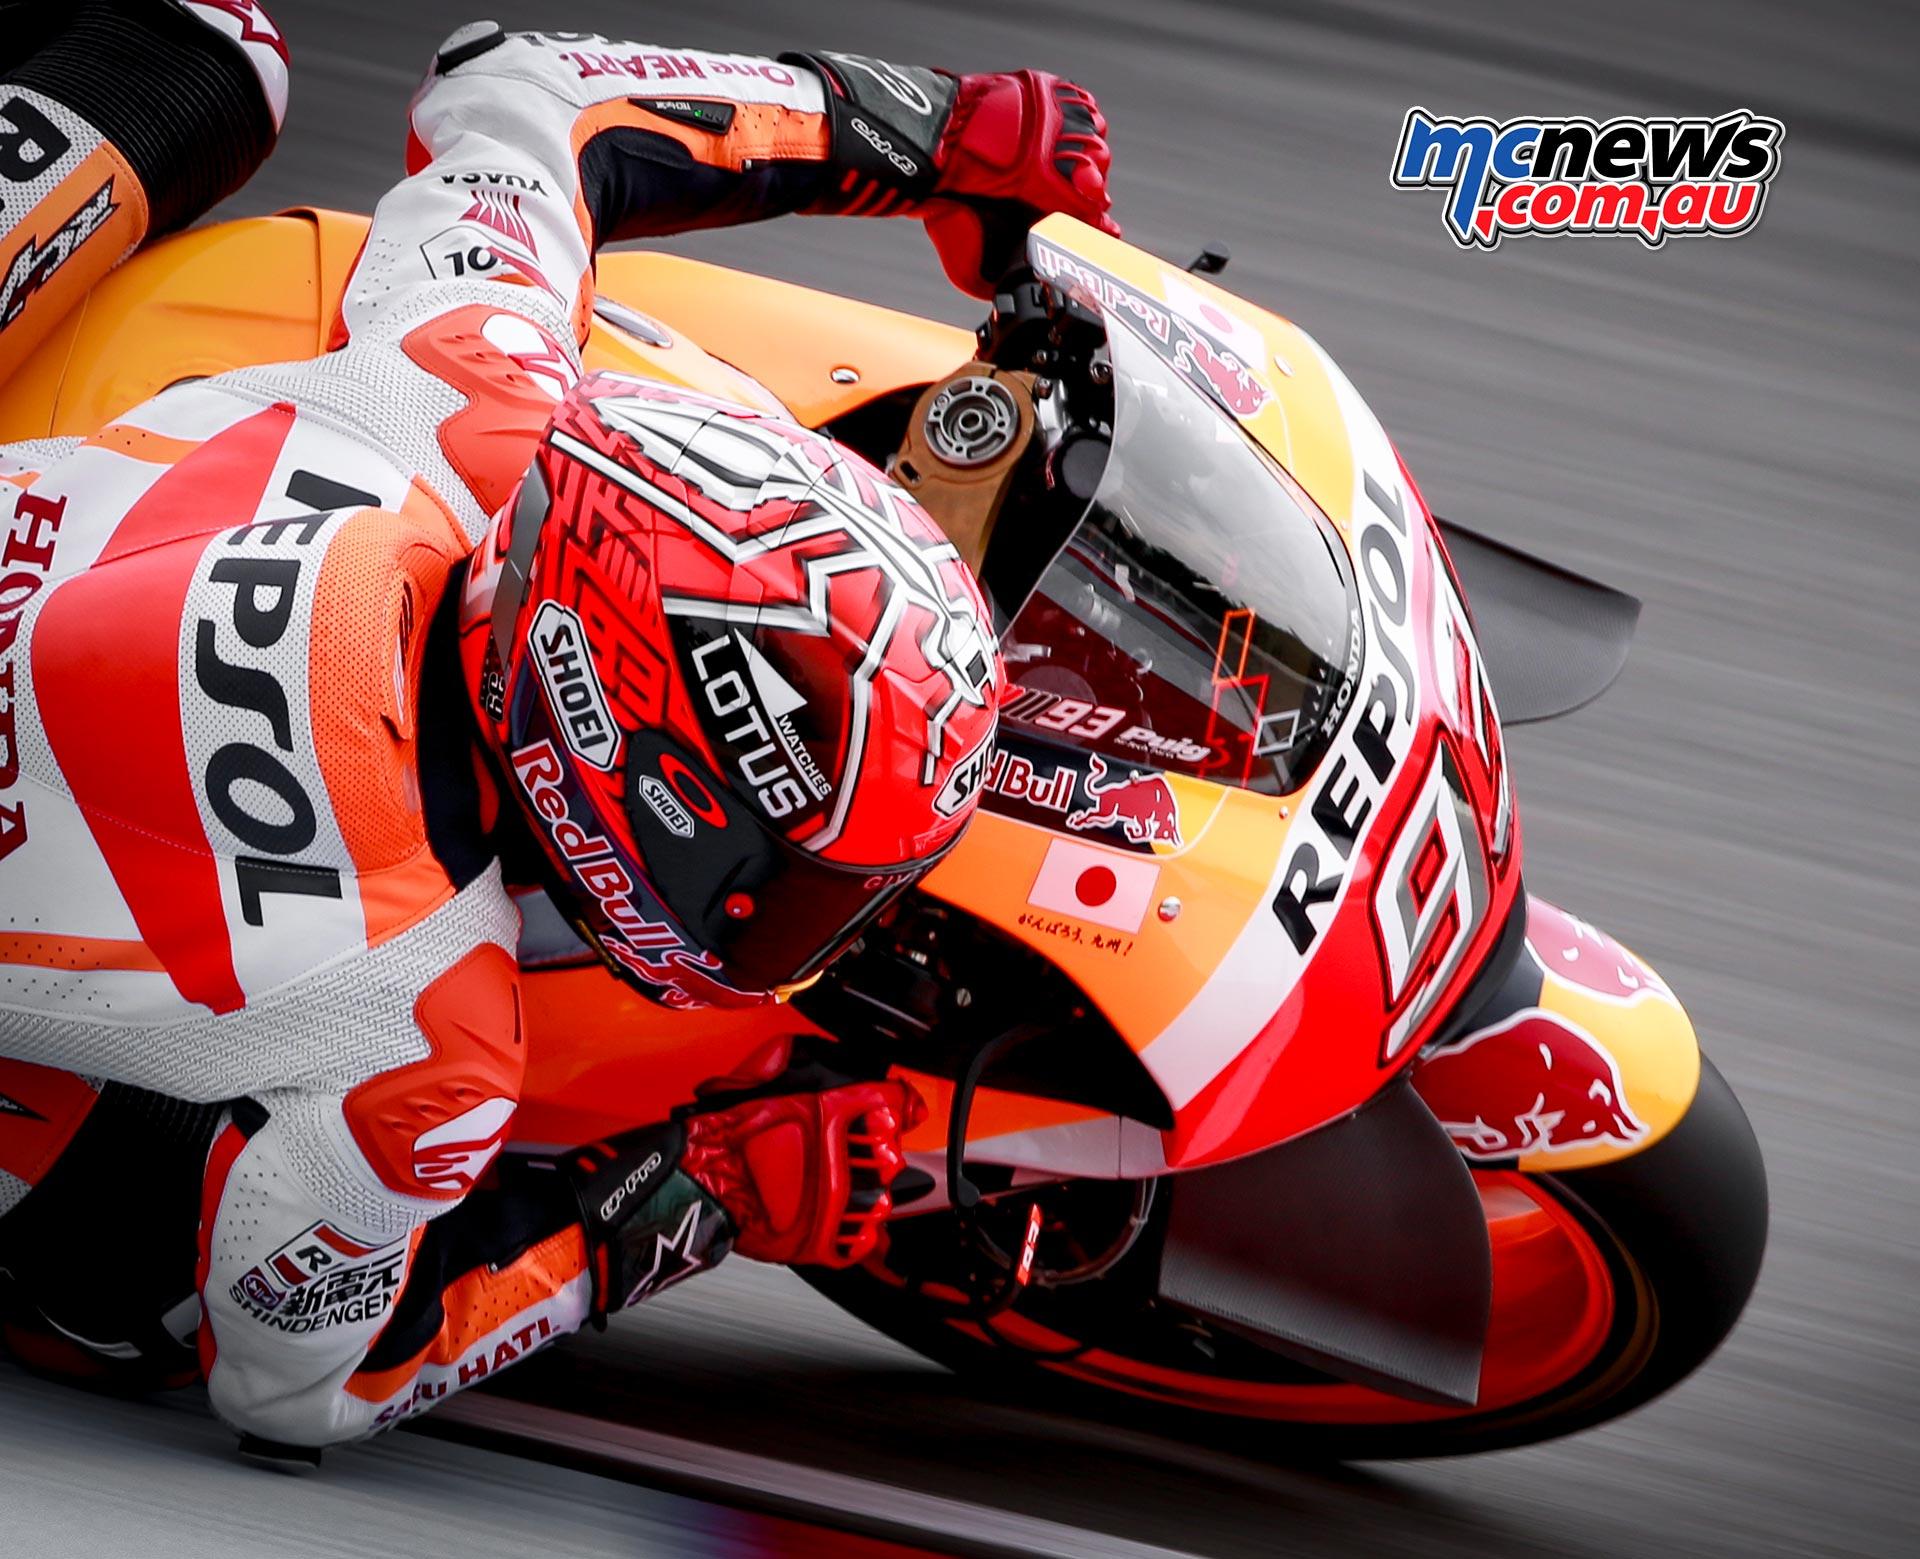 Marc Marquez takes Brno MotoGP Pole | MCNews.com.au